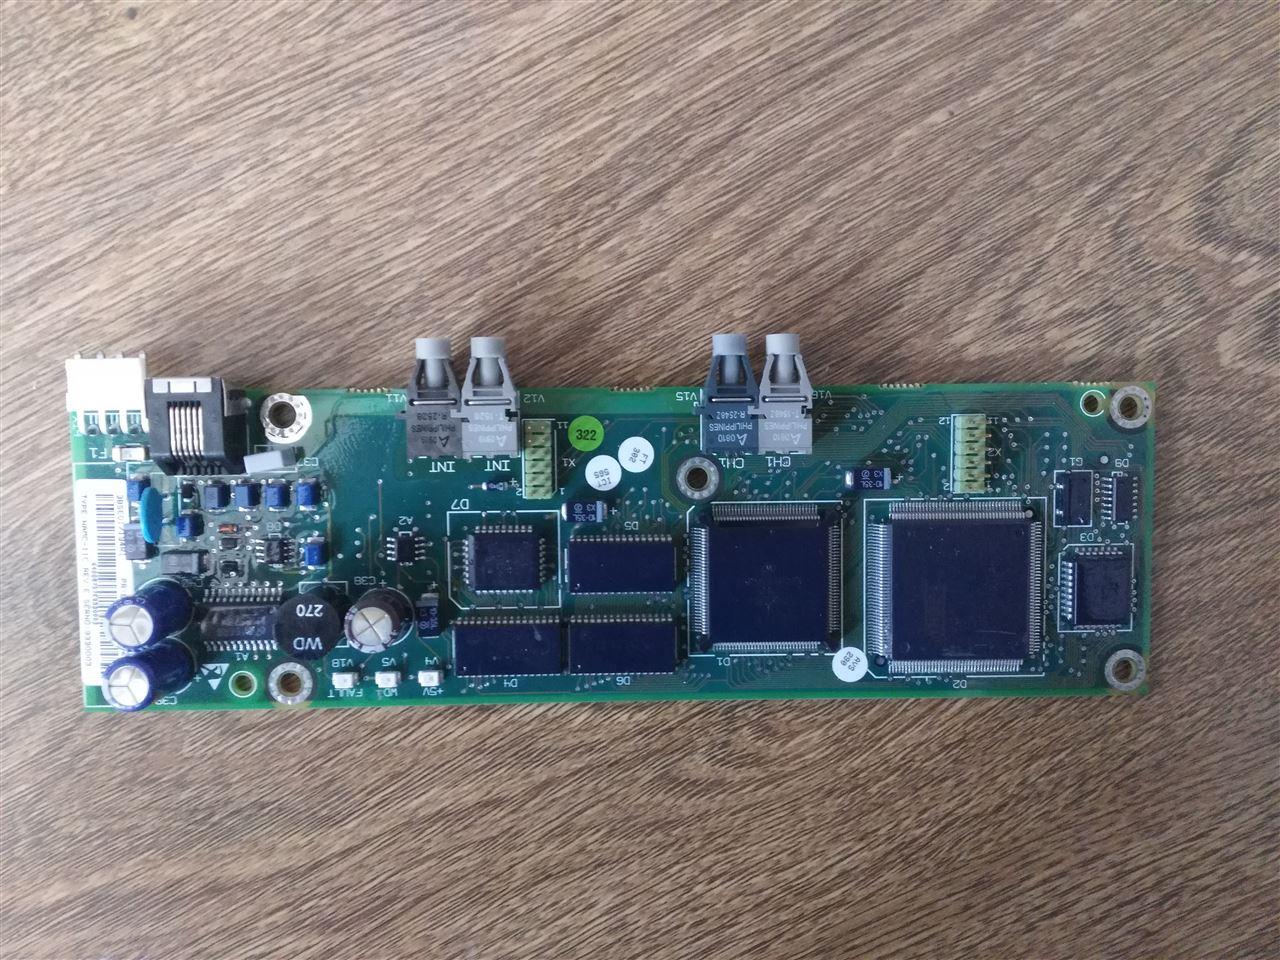 abb电路板namc-11 namc-11c namc-51c  acs600变频器配件 abb电路板